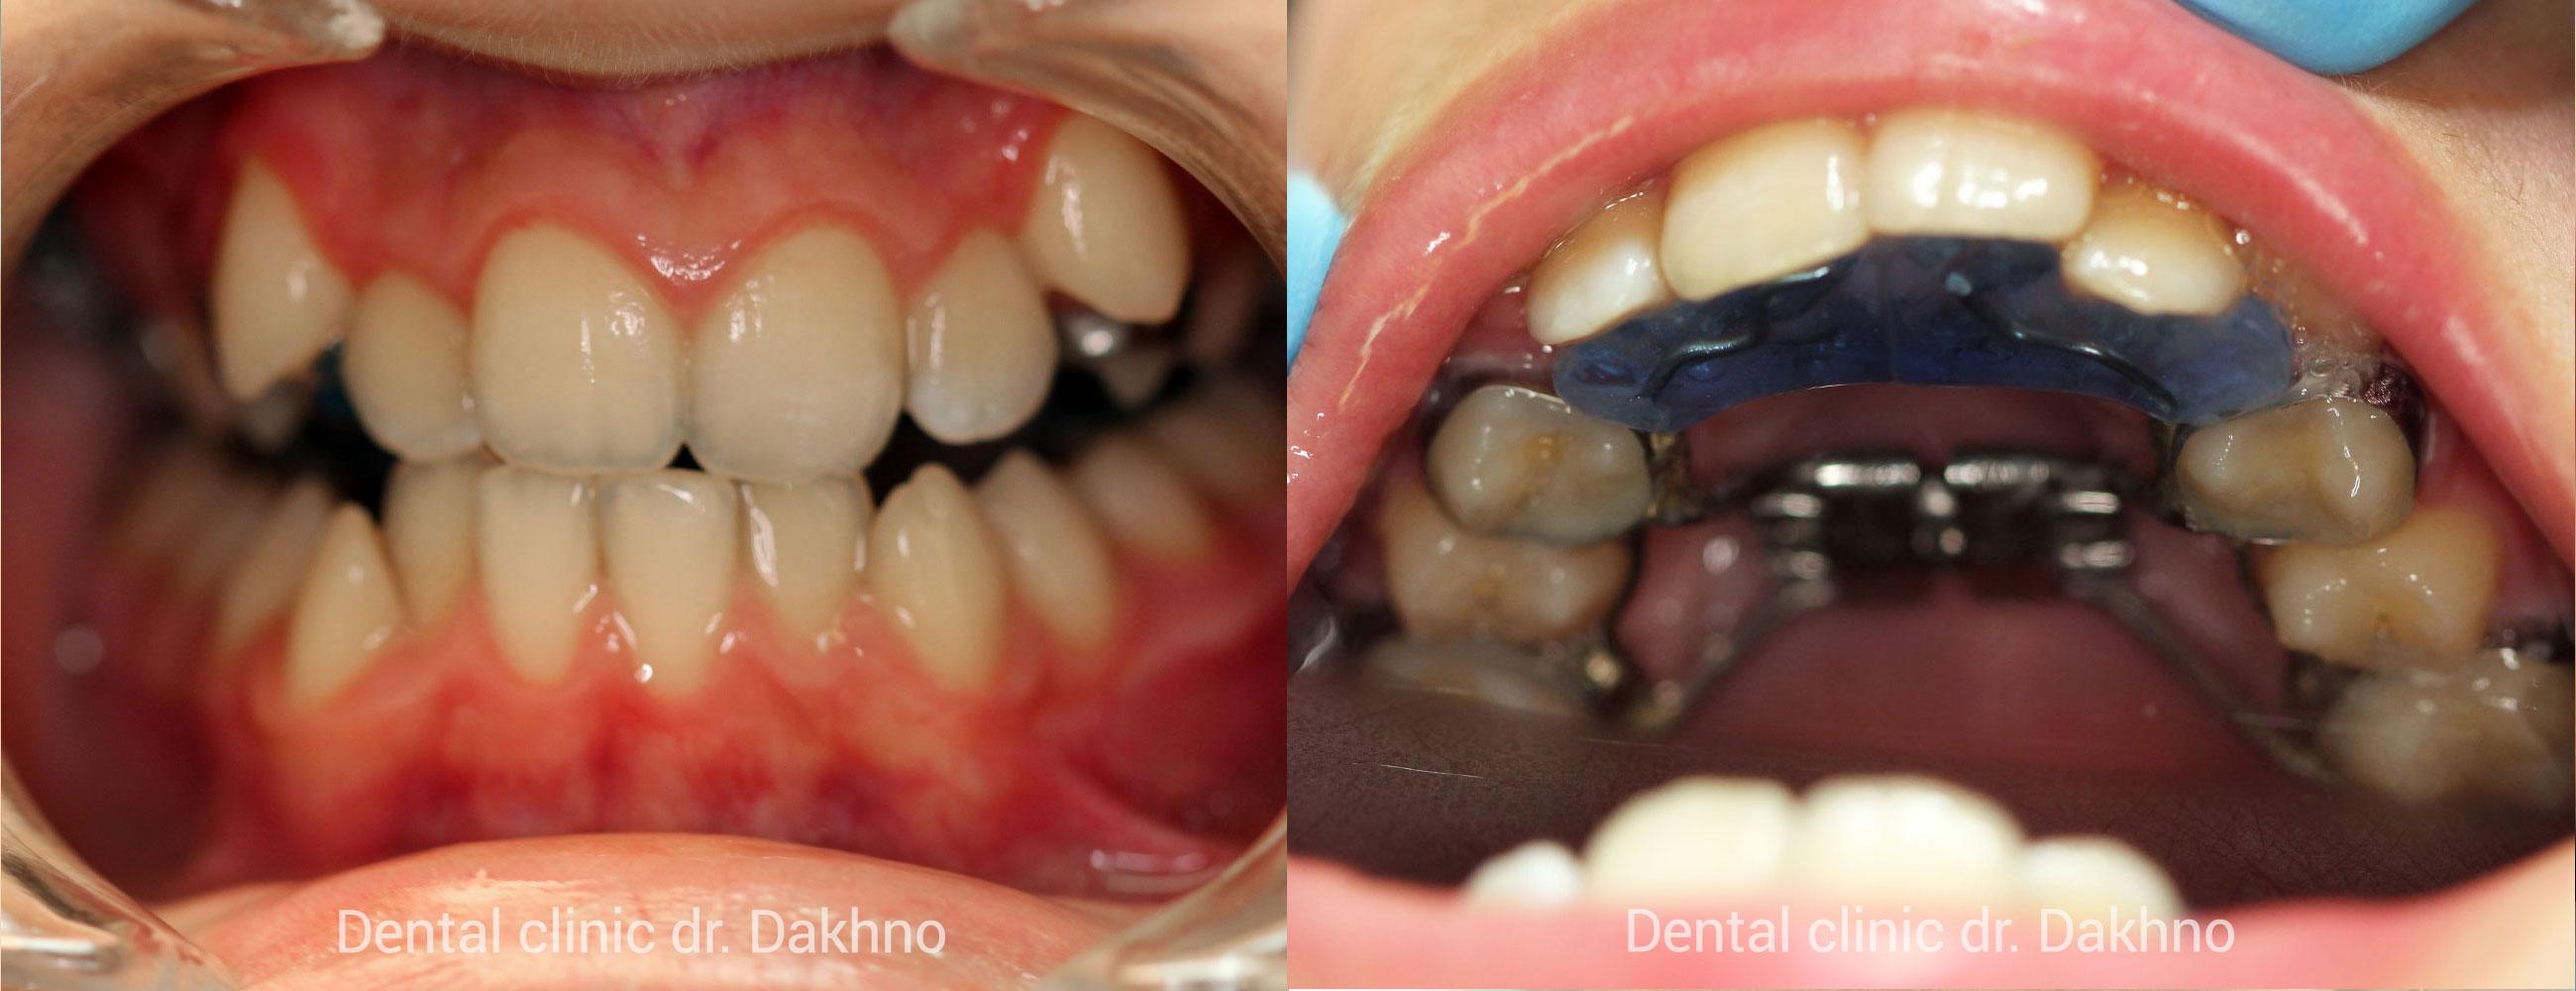 Ортодонтический аппарат для расширения верхней челюсти